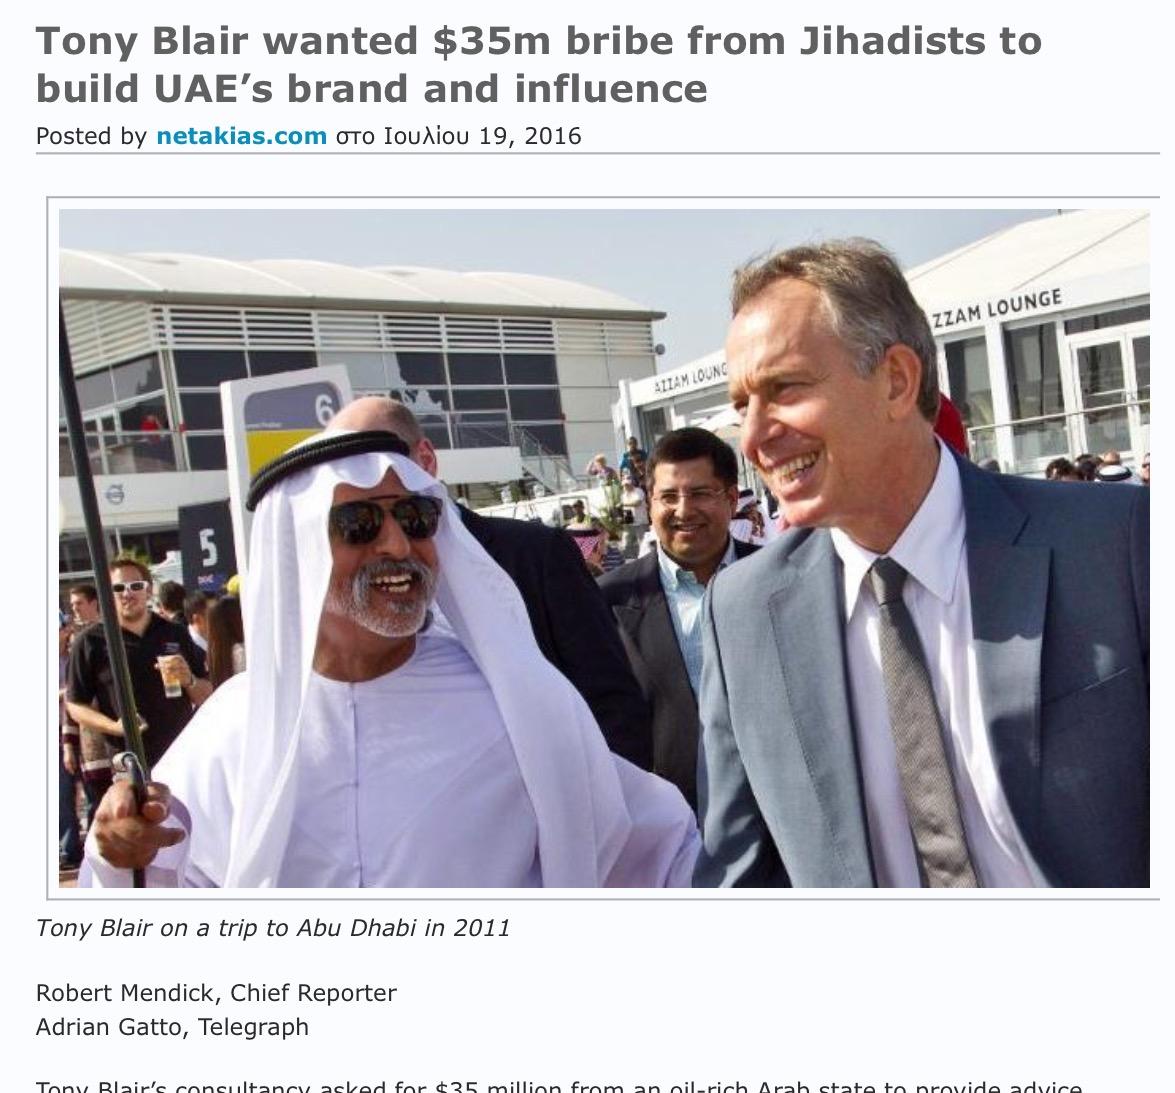 """""""Δωράκια"""" 35εκ παίρνει ο φίλος του Παπανδρέου, ο Τονυ Μπλερ για να κάνει μάρκετινγκ στους Ισλαμοφασιστες. Διακοπές Παπανδρέου-Μπλερ στην Σαντορίνη"""